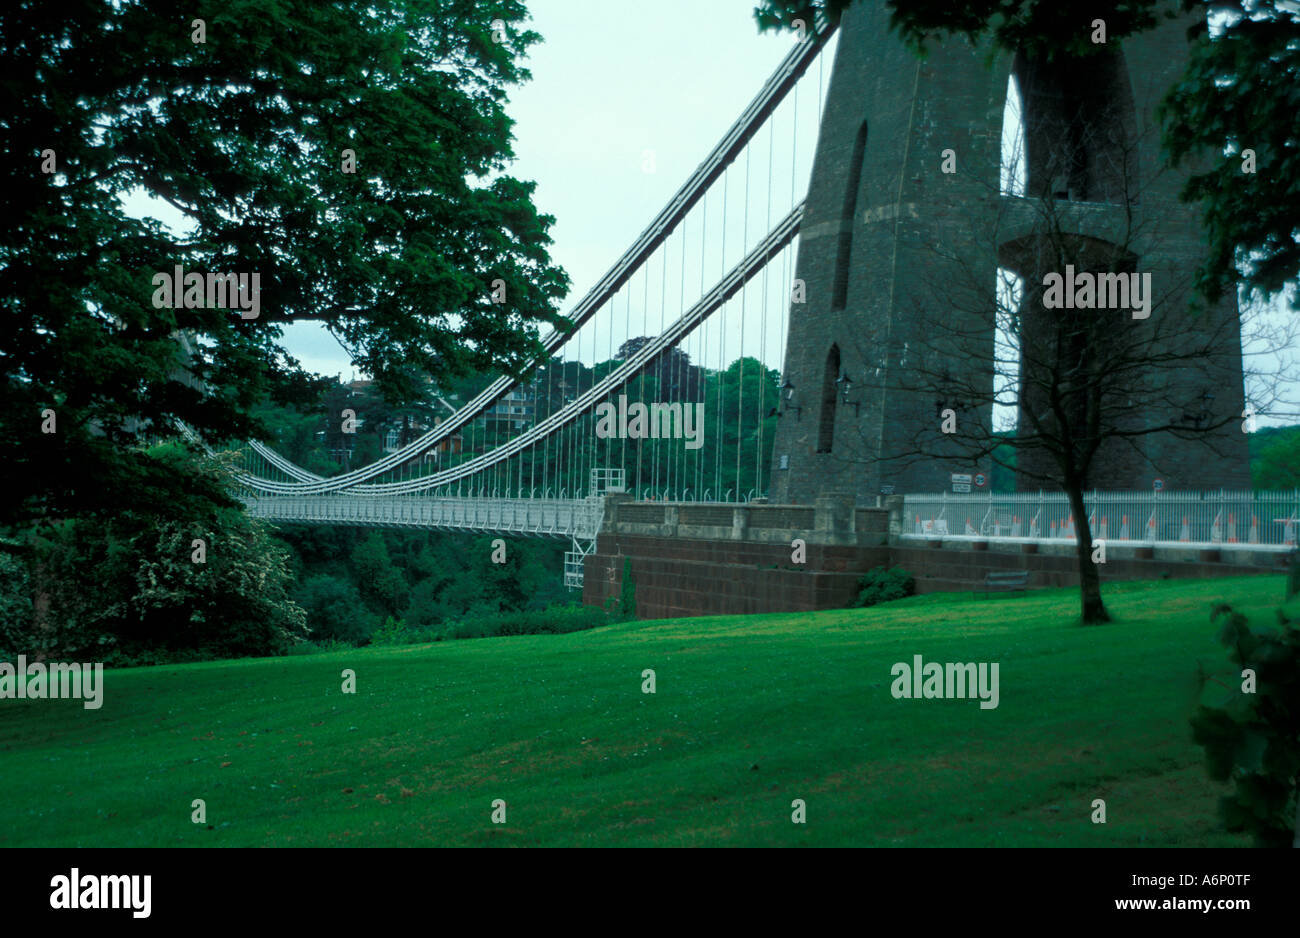 Pont suspendu de Clifton et l'Angleterre Bristol Avon Gorge Banque D'Images